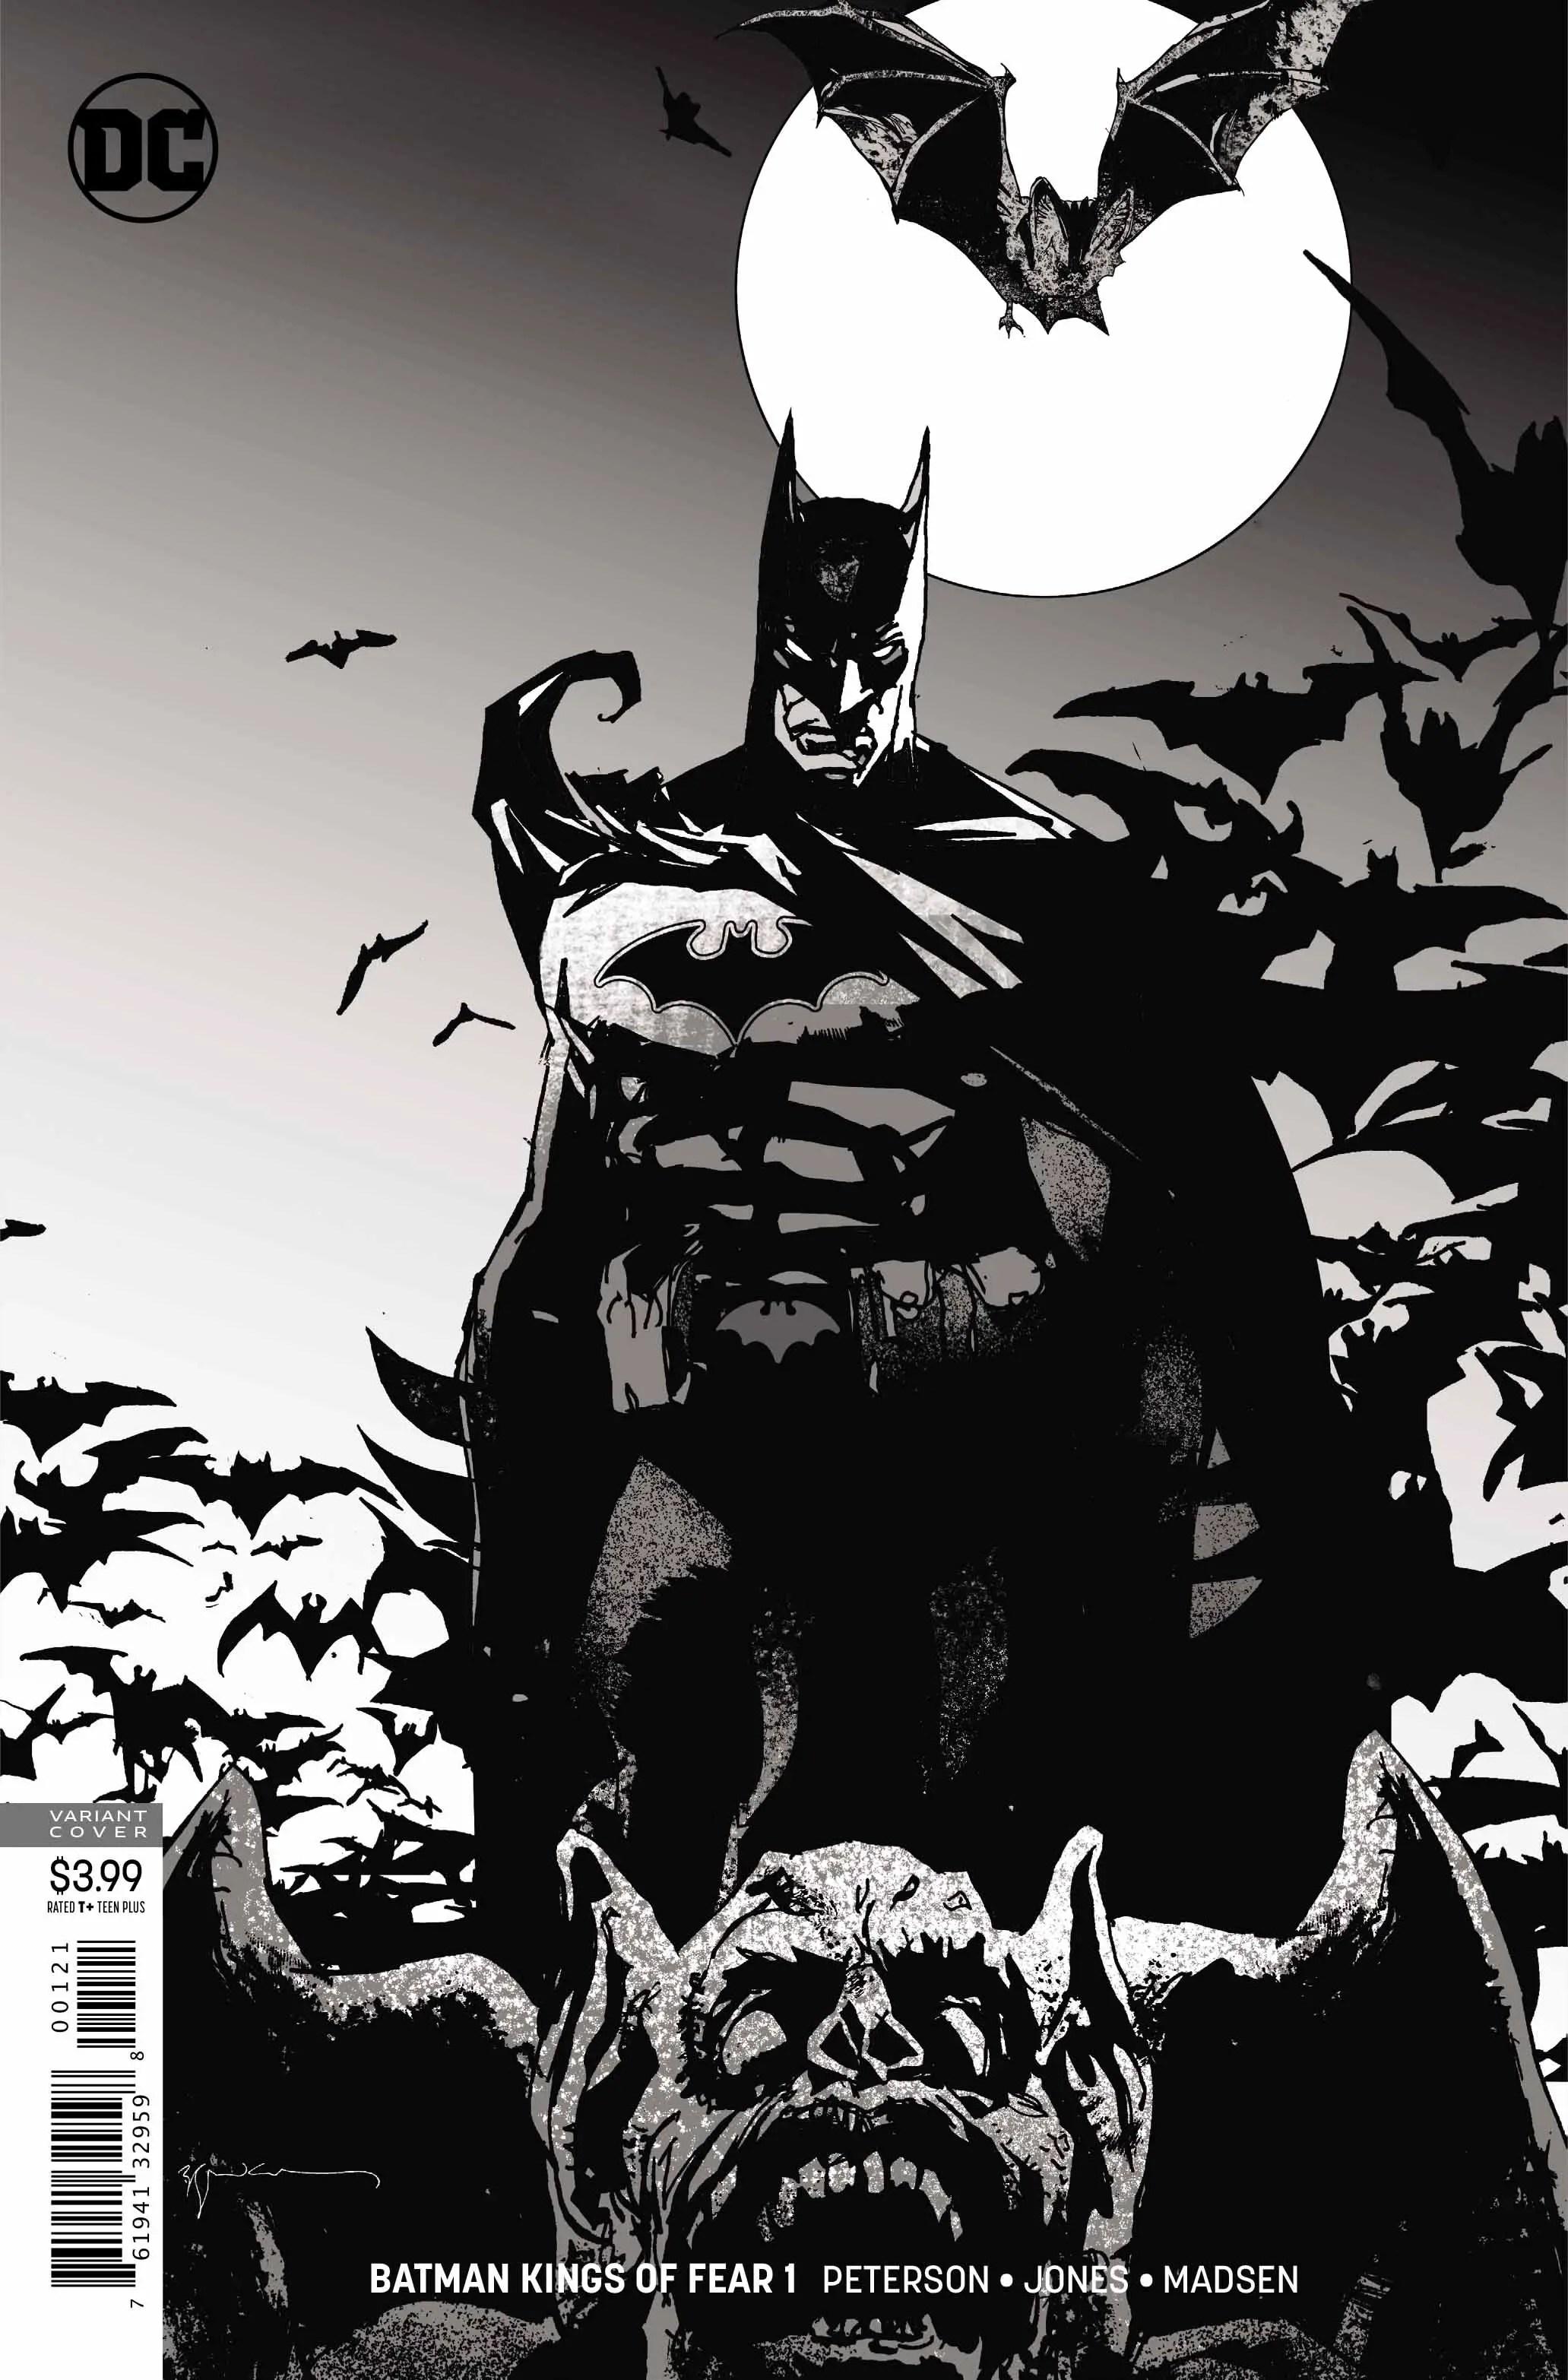 Batman: Kings of Fear #1 Review